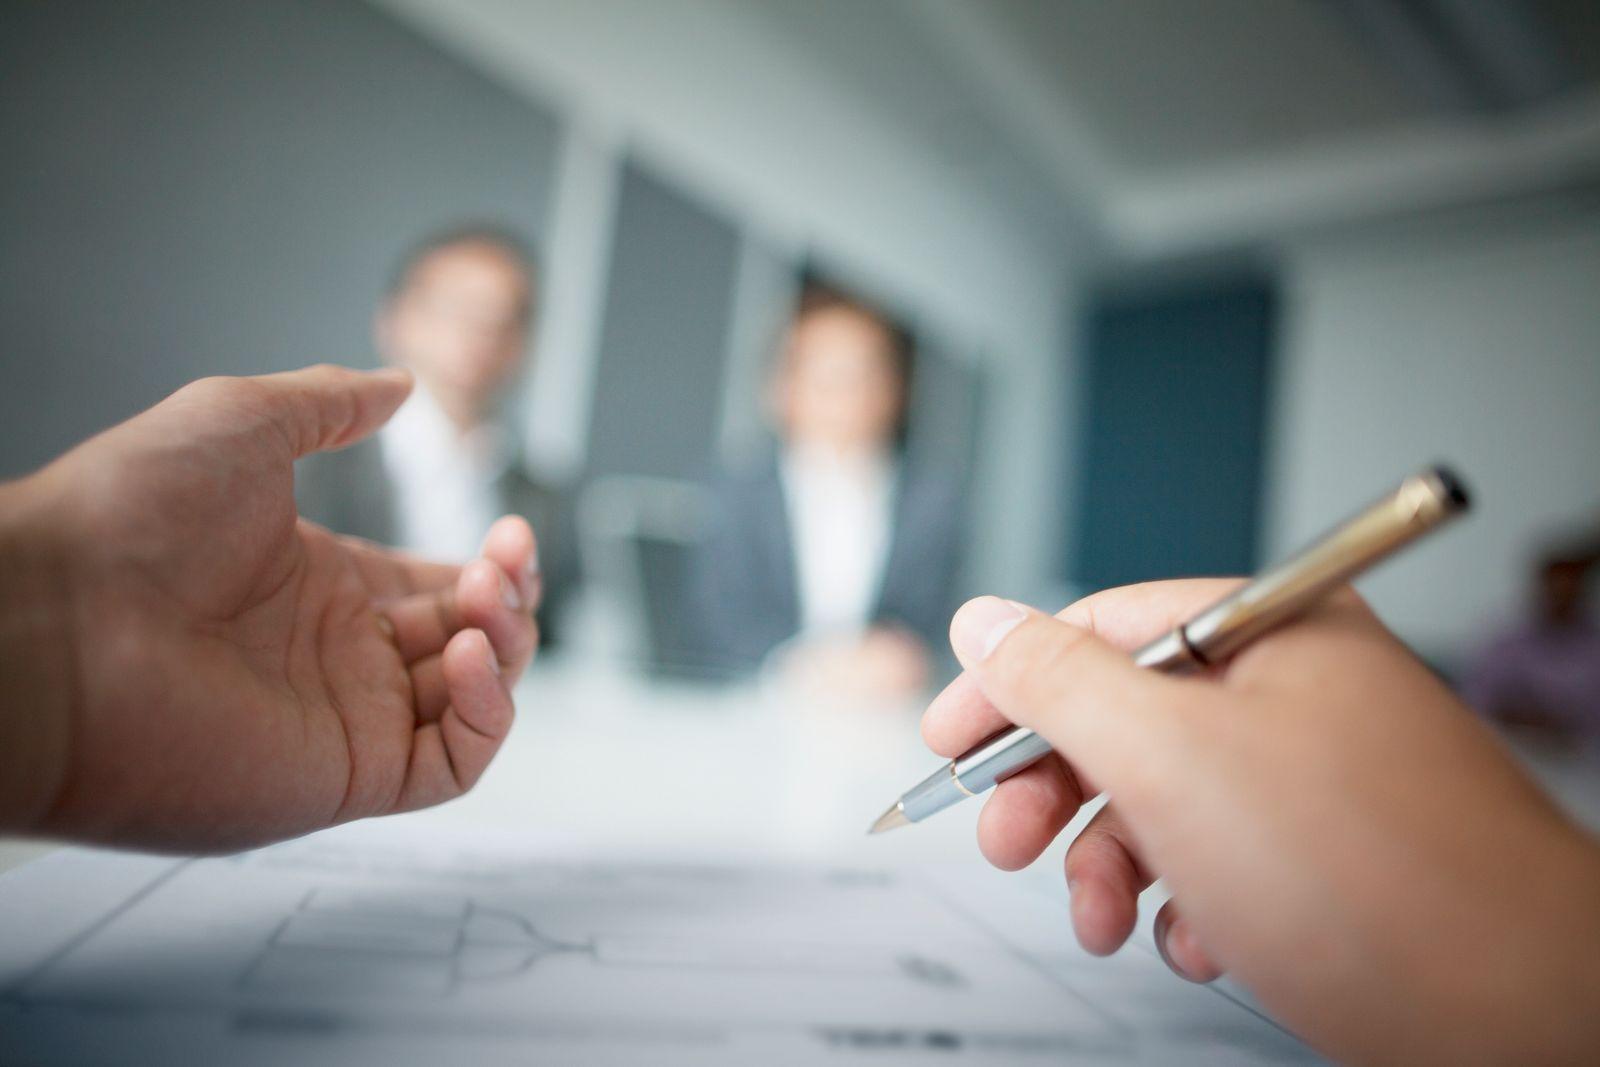 EINMALIGE VERWENDUNG Hände / Unschärfe / Meeting / Gespräch / Büro / Bewerbung / Beurteilung